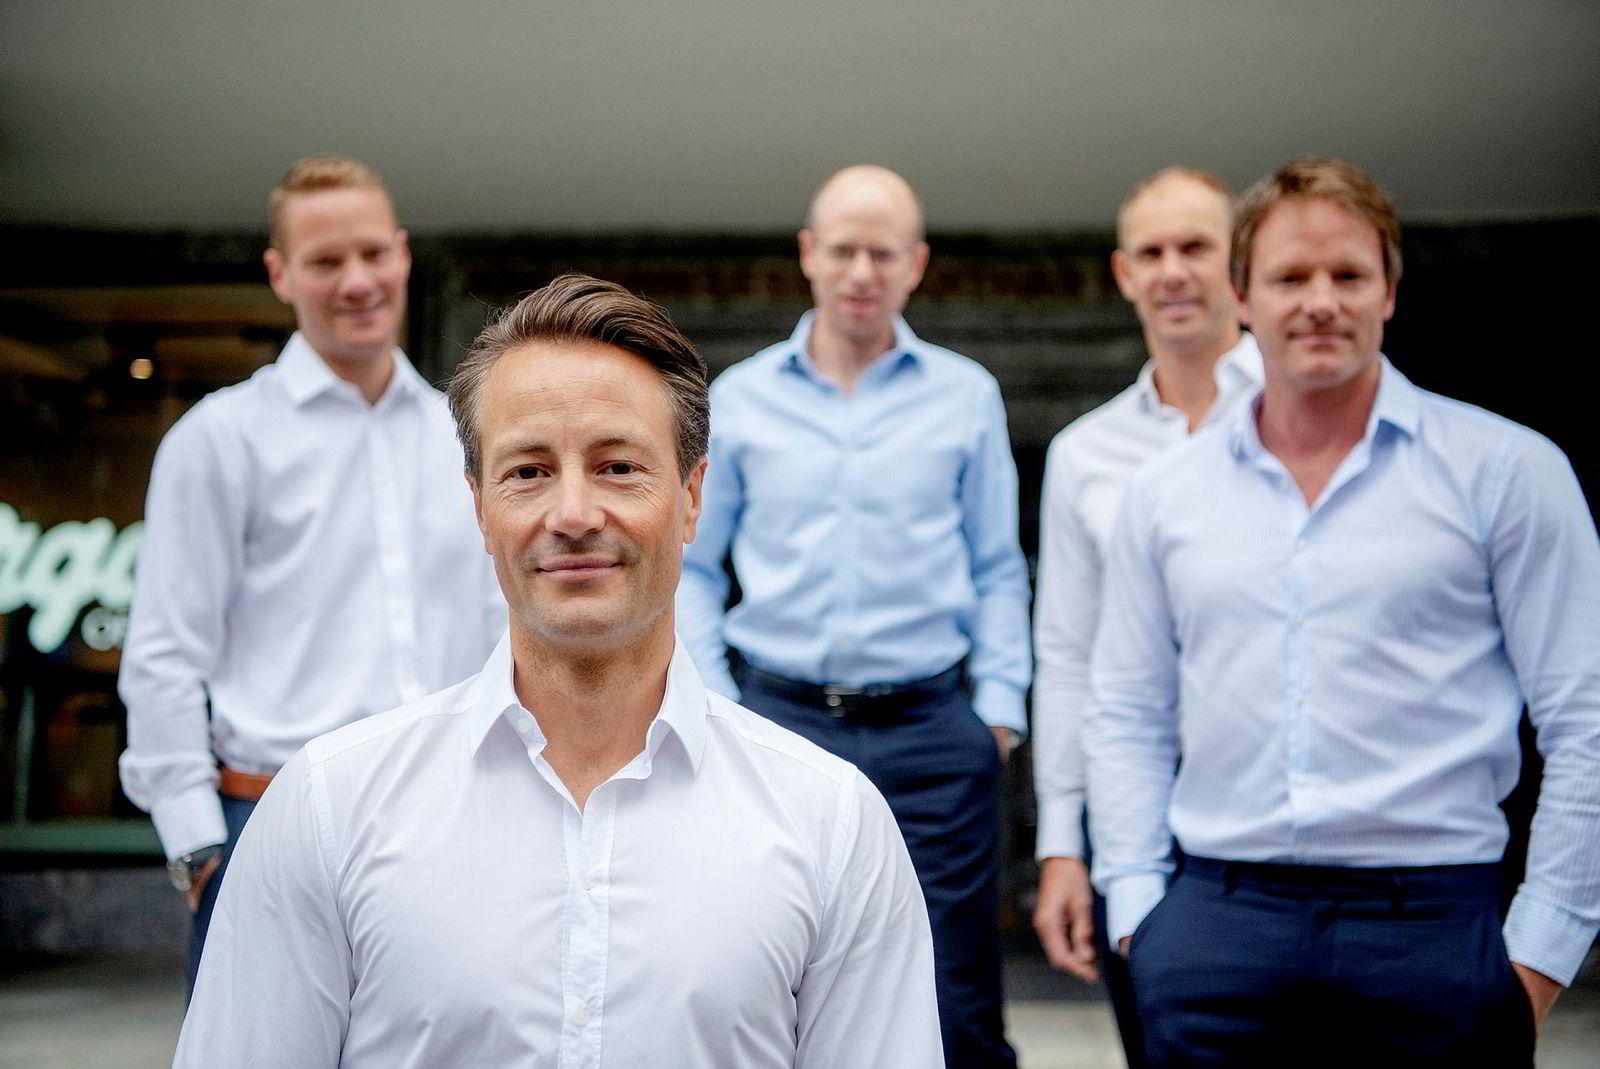 Runar Vatne (foran) har nå aksjer i Solon Eiendom verdt over en halv milliard kroner. Til venstre i bakgrunnen er Tor Vegard Vatne, Jens Borge Andersen, Helge Rognerud og Henrik Krefting. Alle jobber i selskapet Vatne Capital.